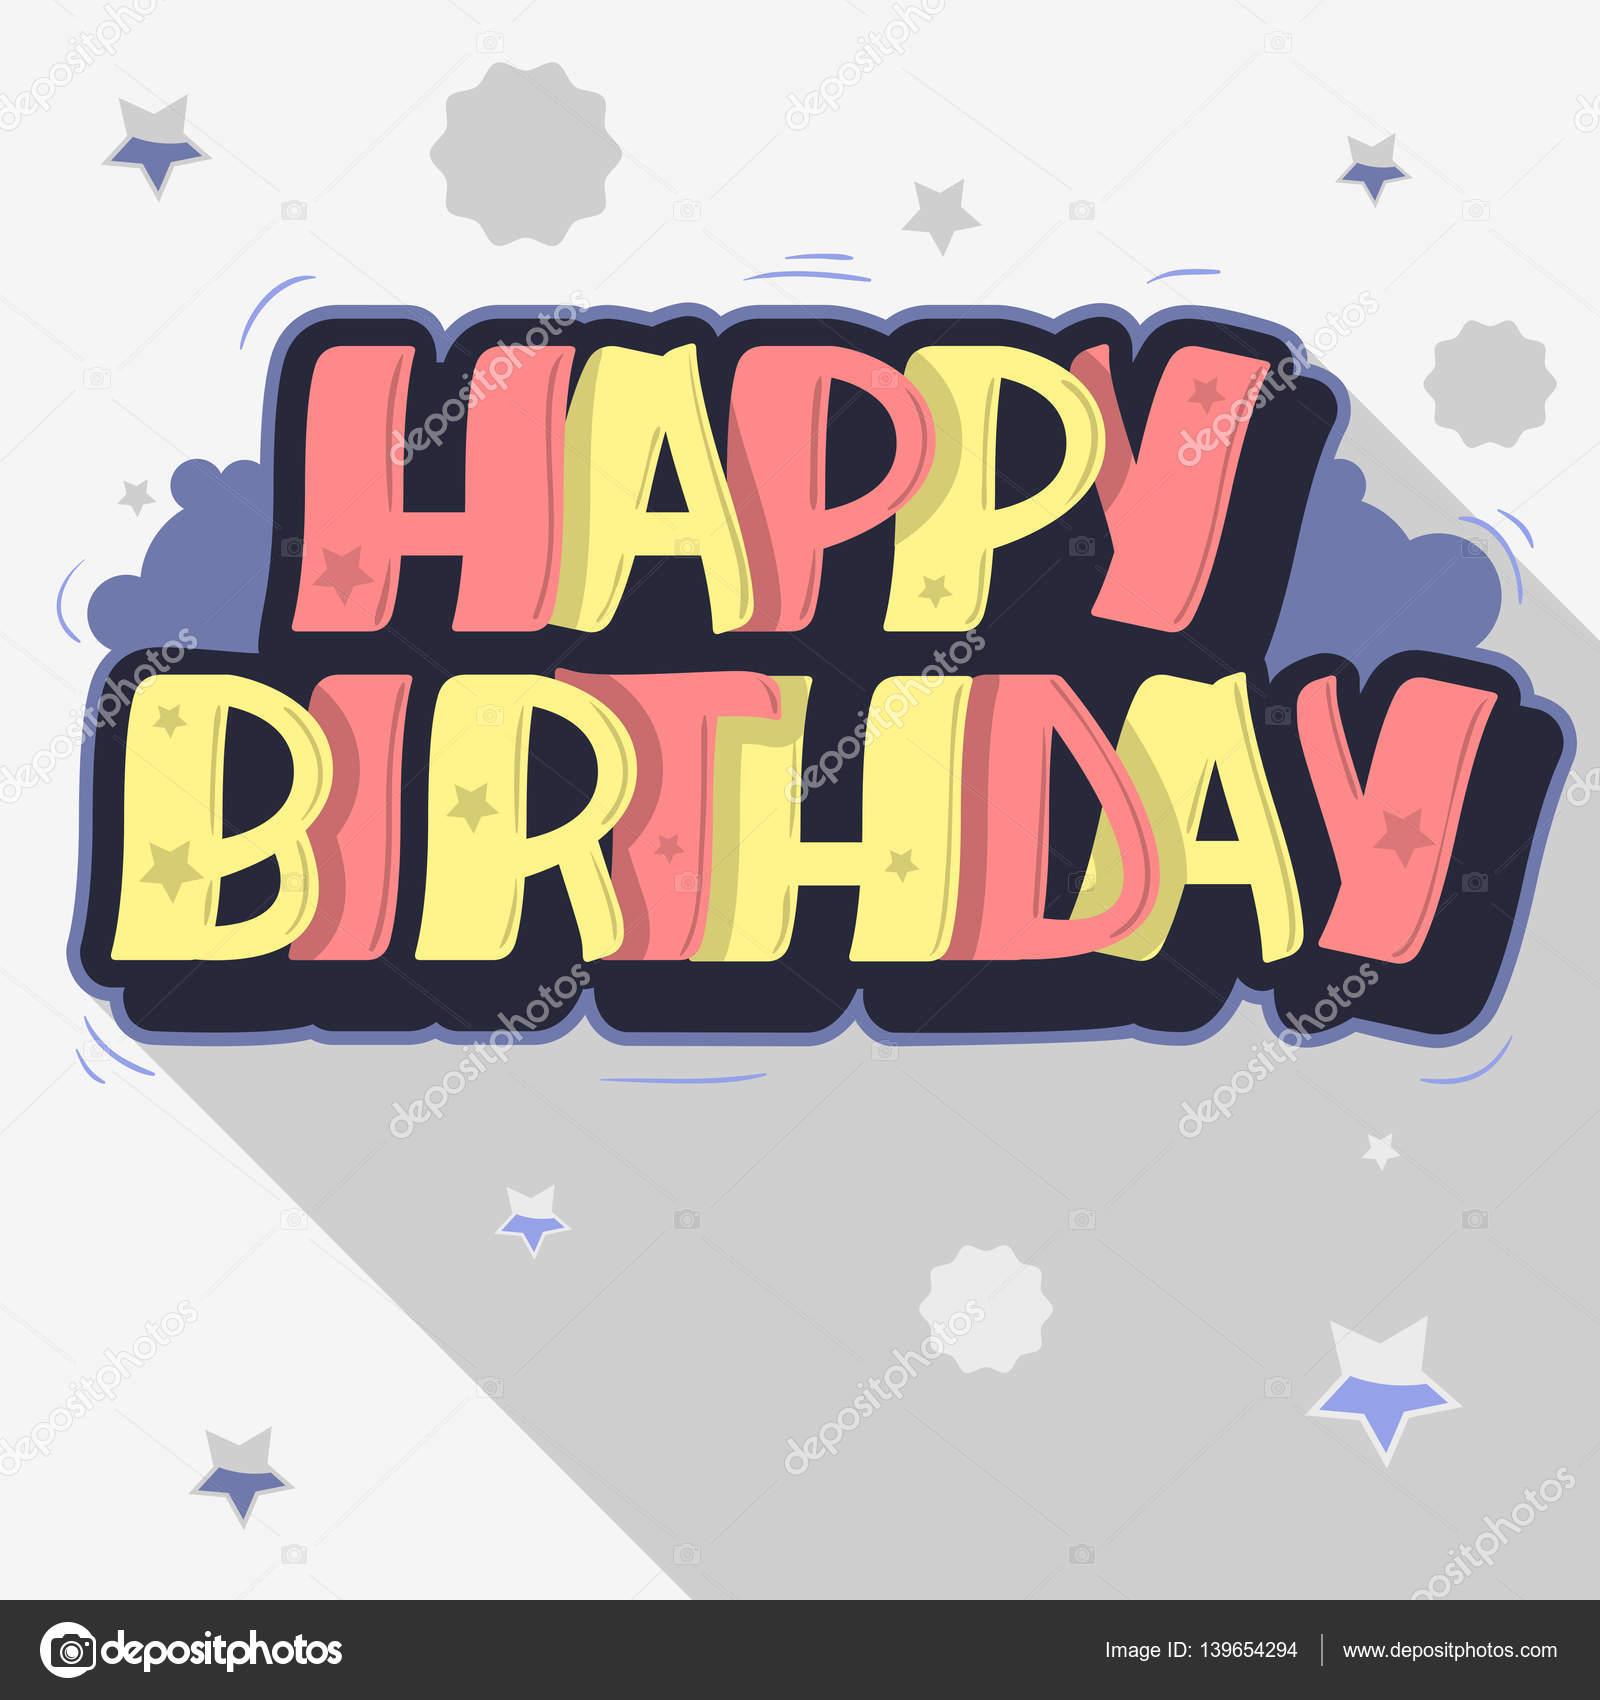 Поздравления с днём рождения в стиле граффити 85